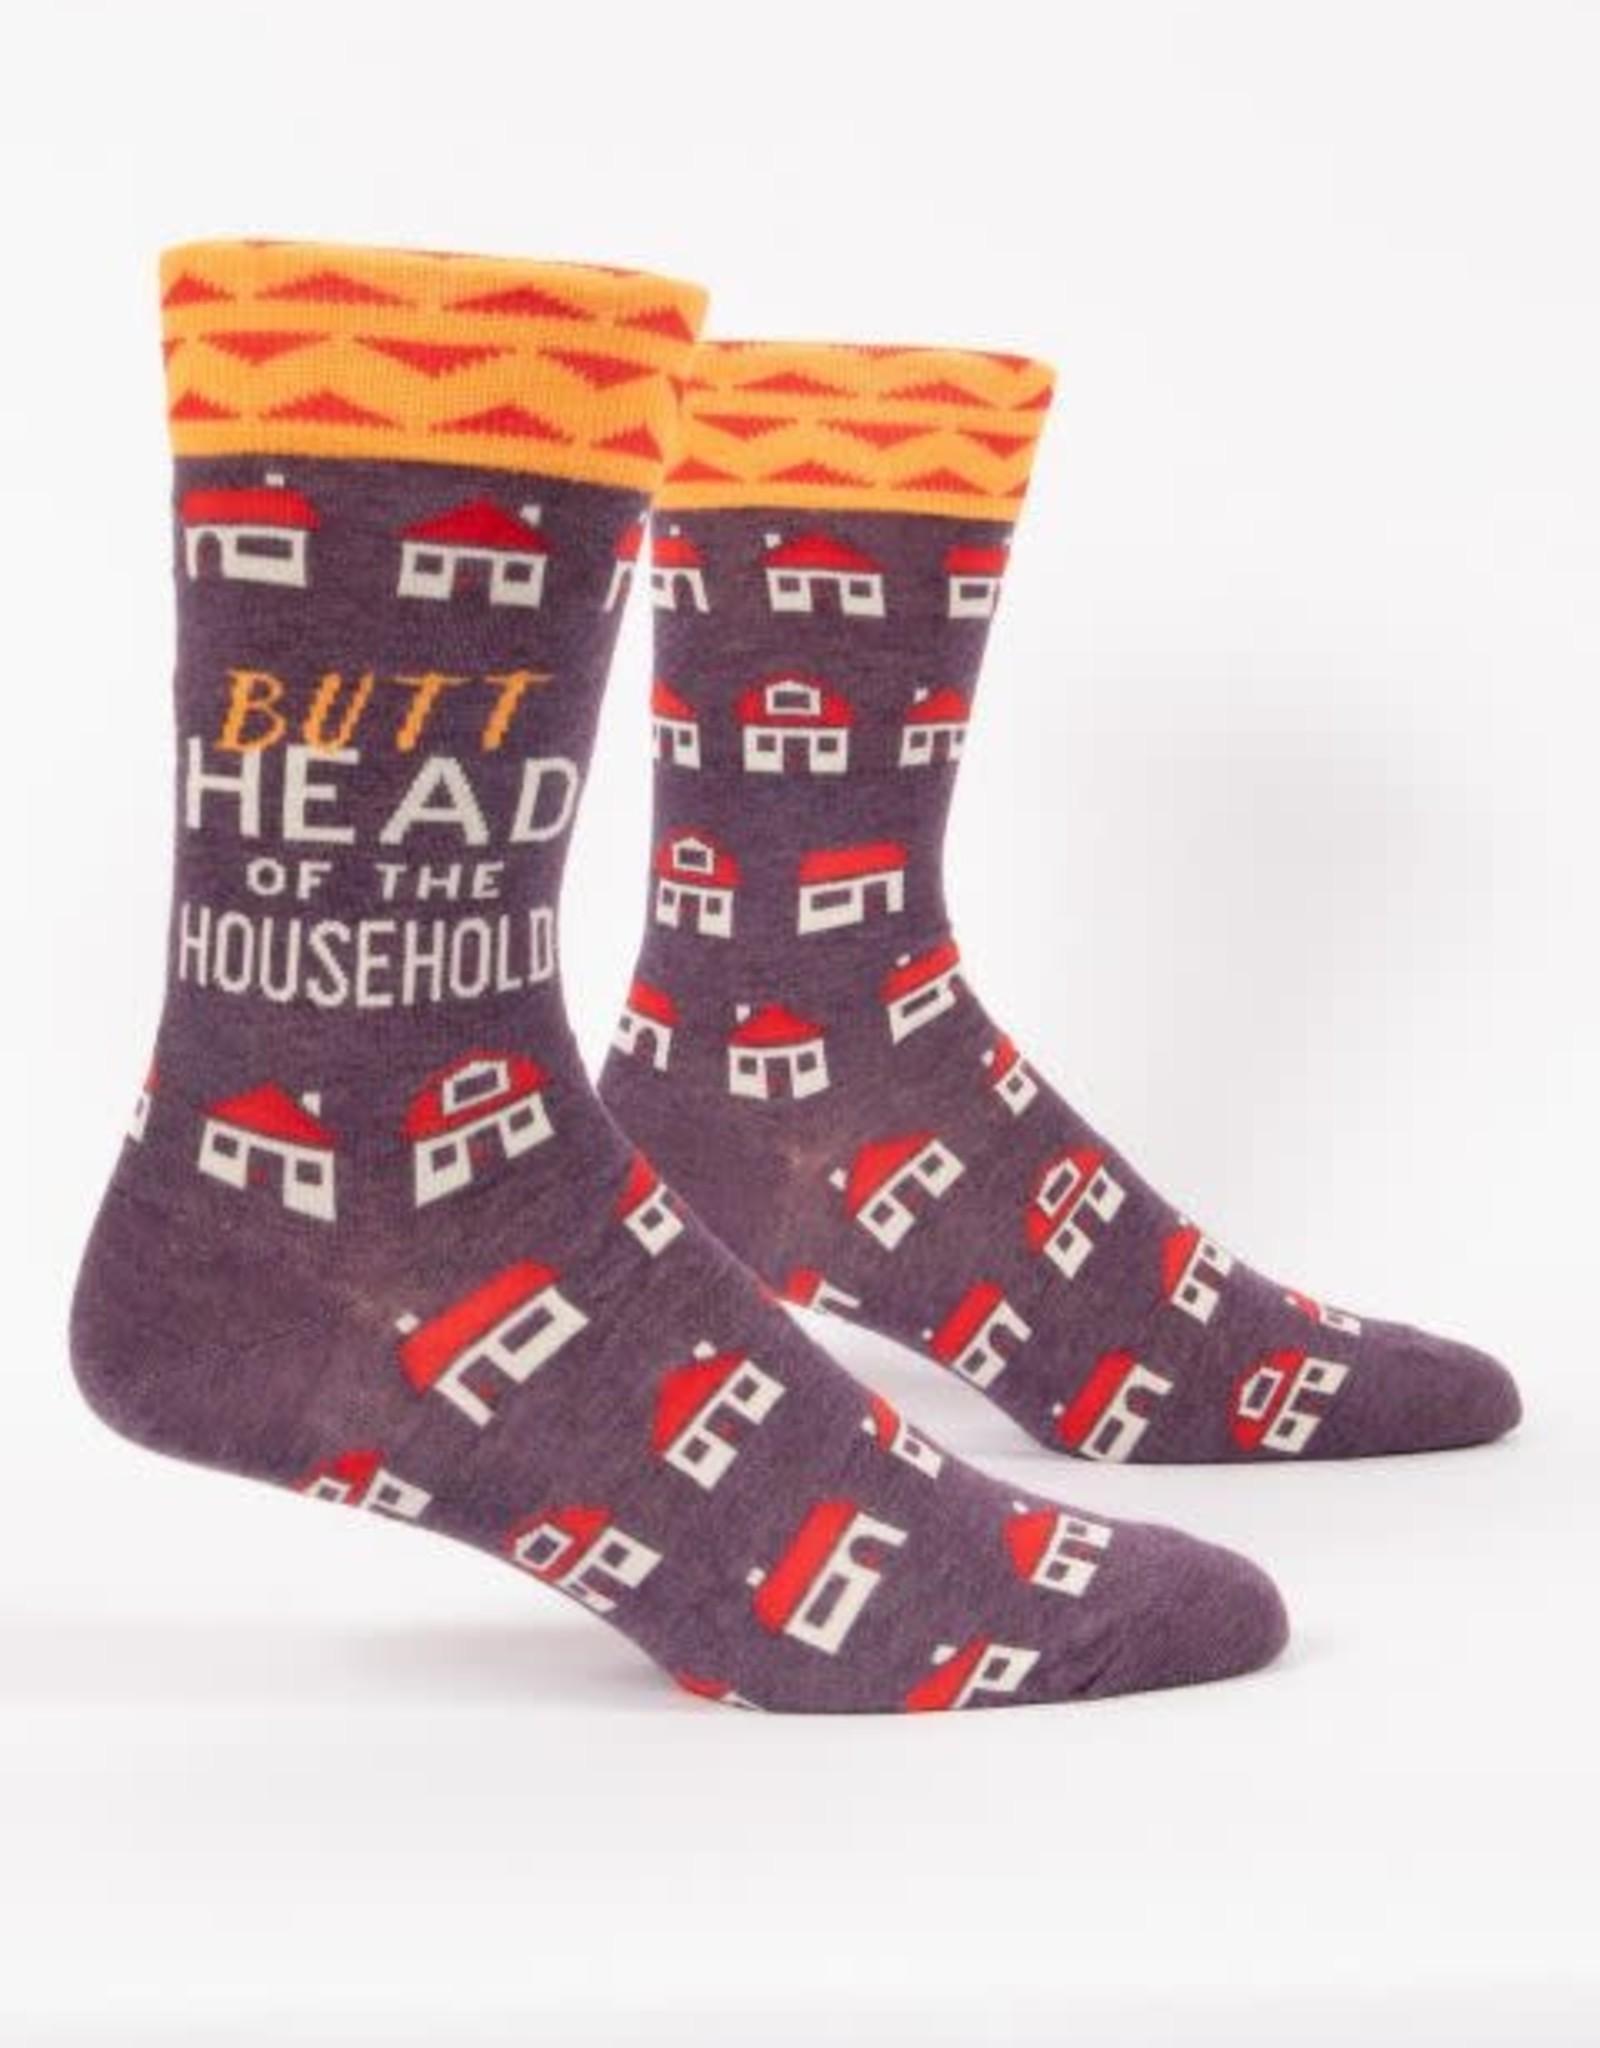 Butthead of the Household Men's Socks